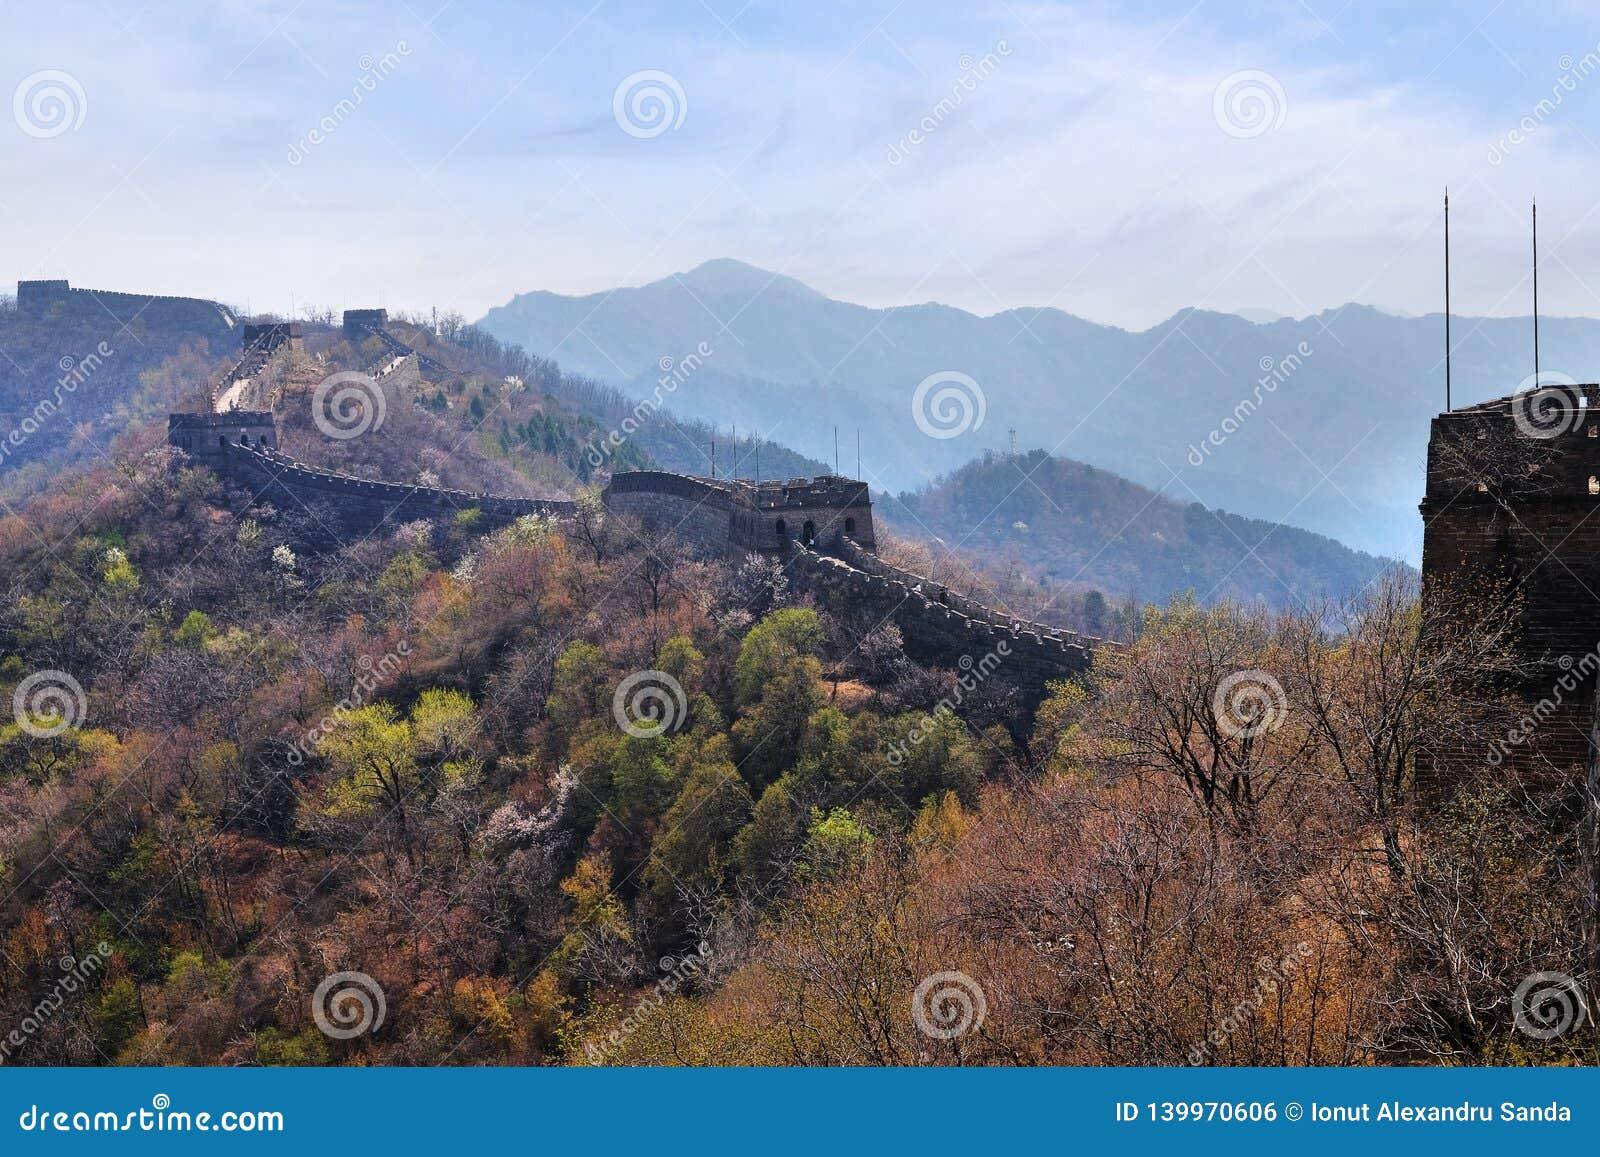 Το τμήμα Mutianyu του Σινικού Τείχους της Κίνας σε μια ηλιόλουστη ημέρα άνοιξη, ενάντια σε έναν μπλε ουρανό